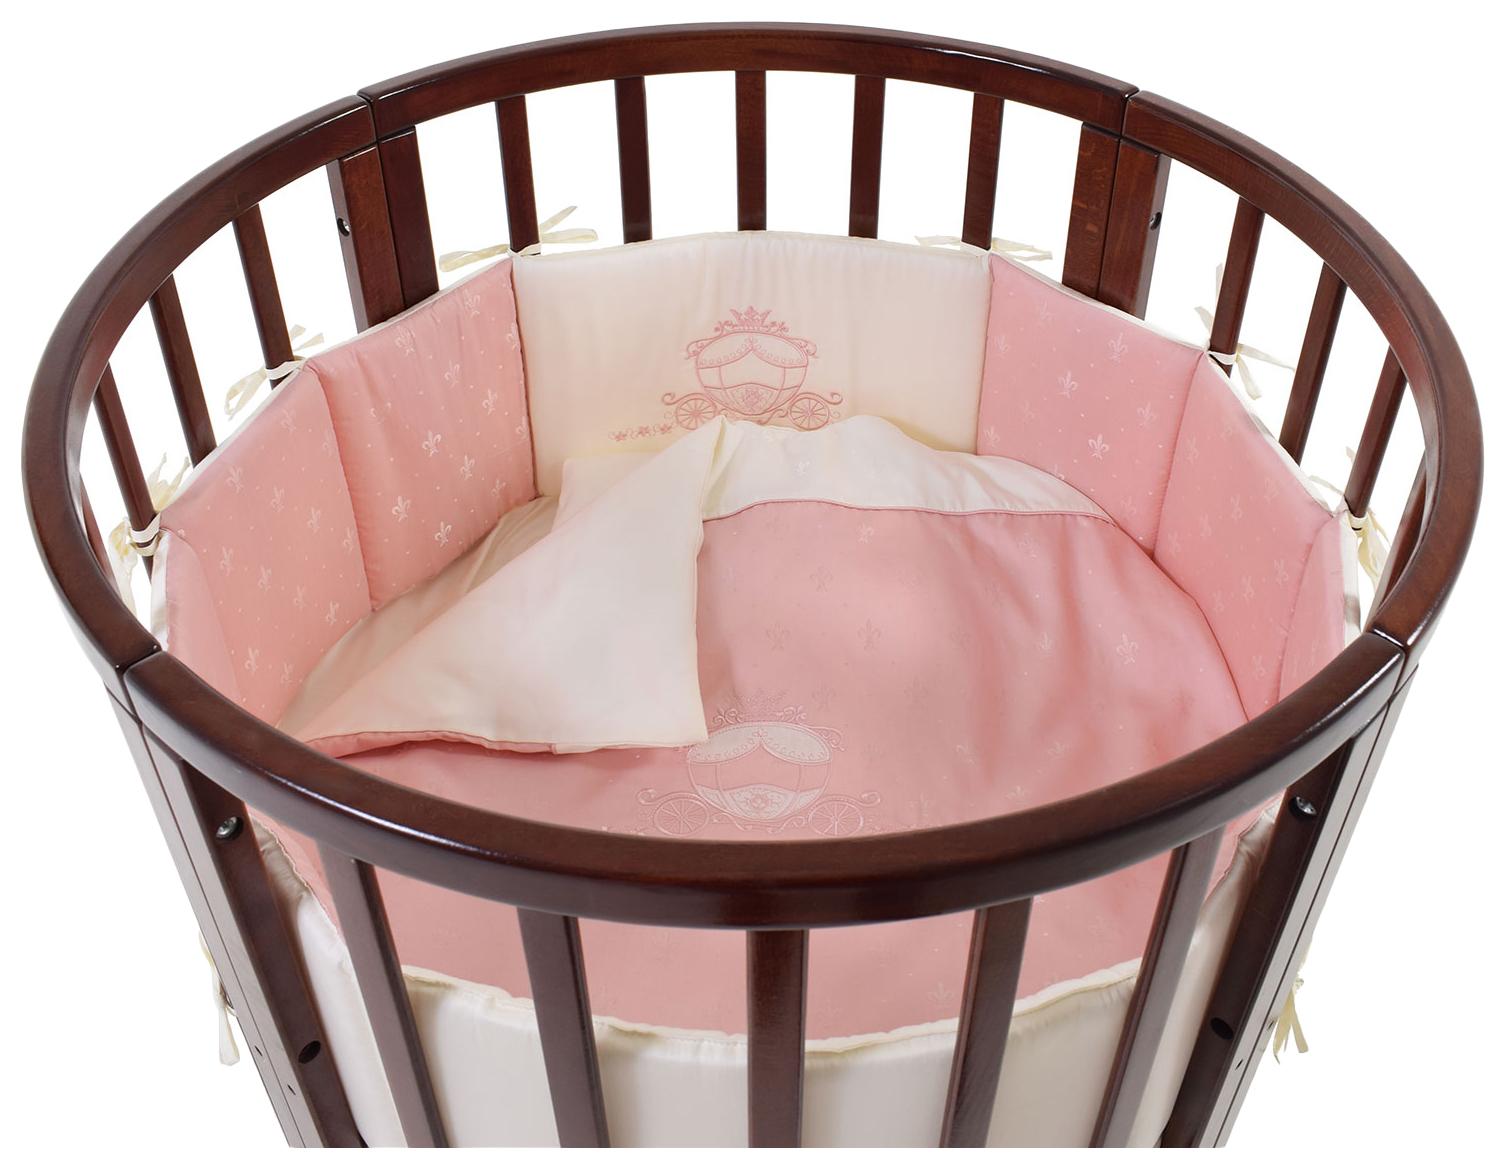 Комплект в люльку Prestigio (цвет: розовый, 6 предметов) 6020A/2 22 203